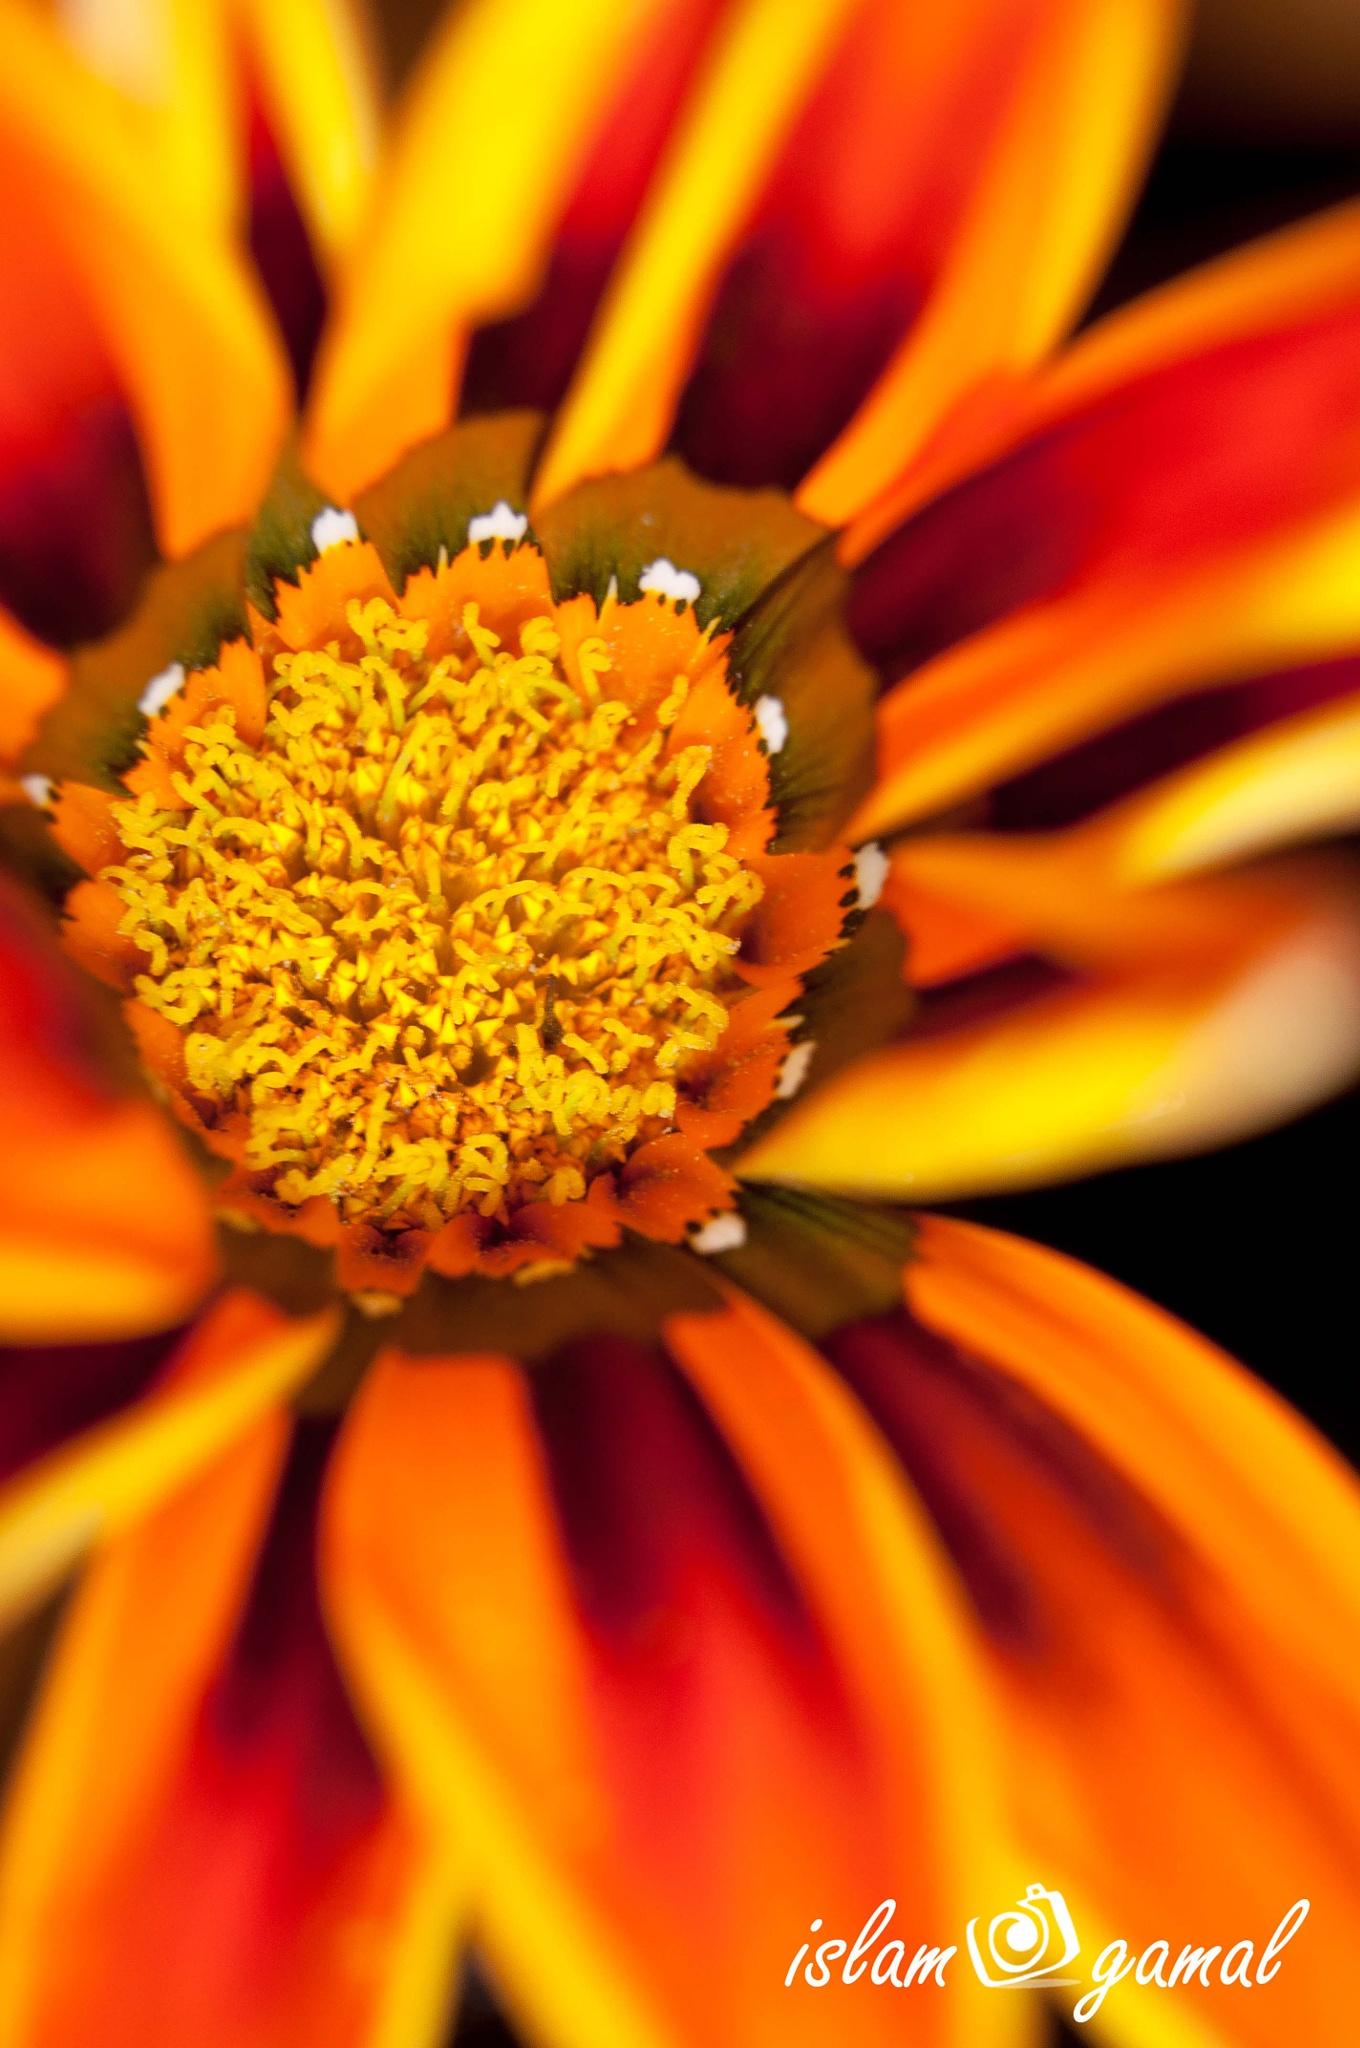 Flower by searock78